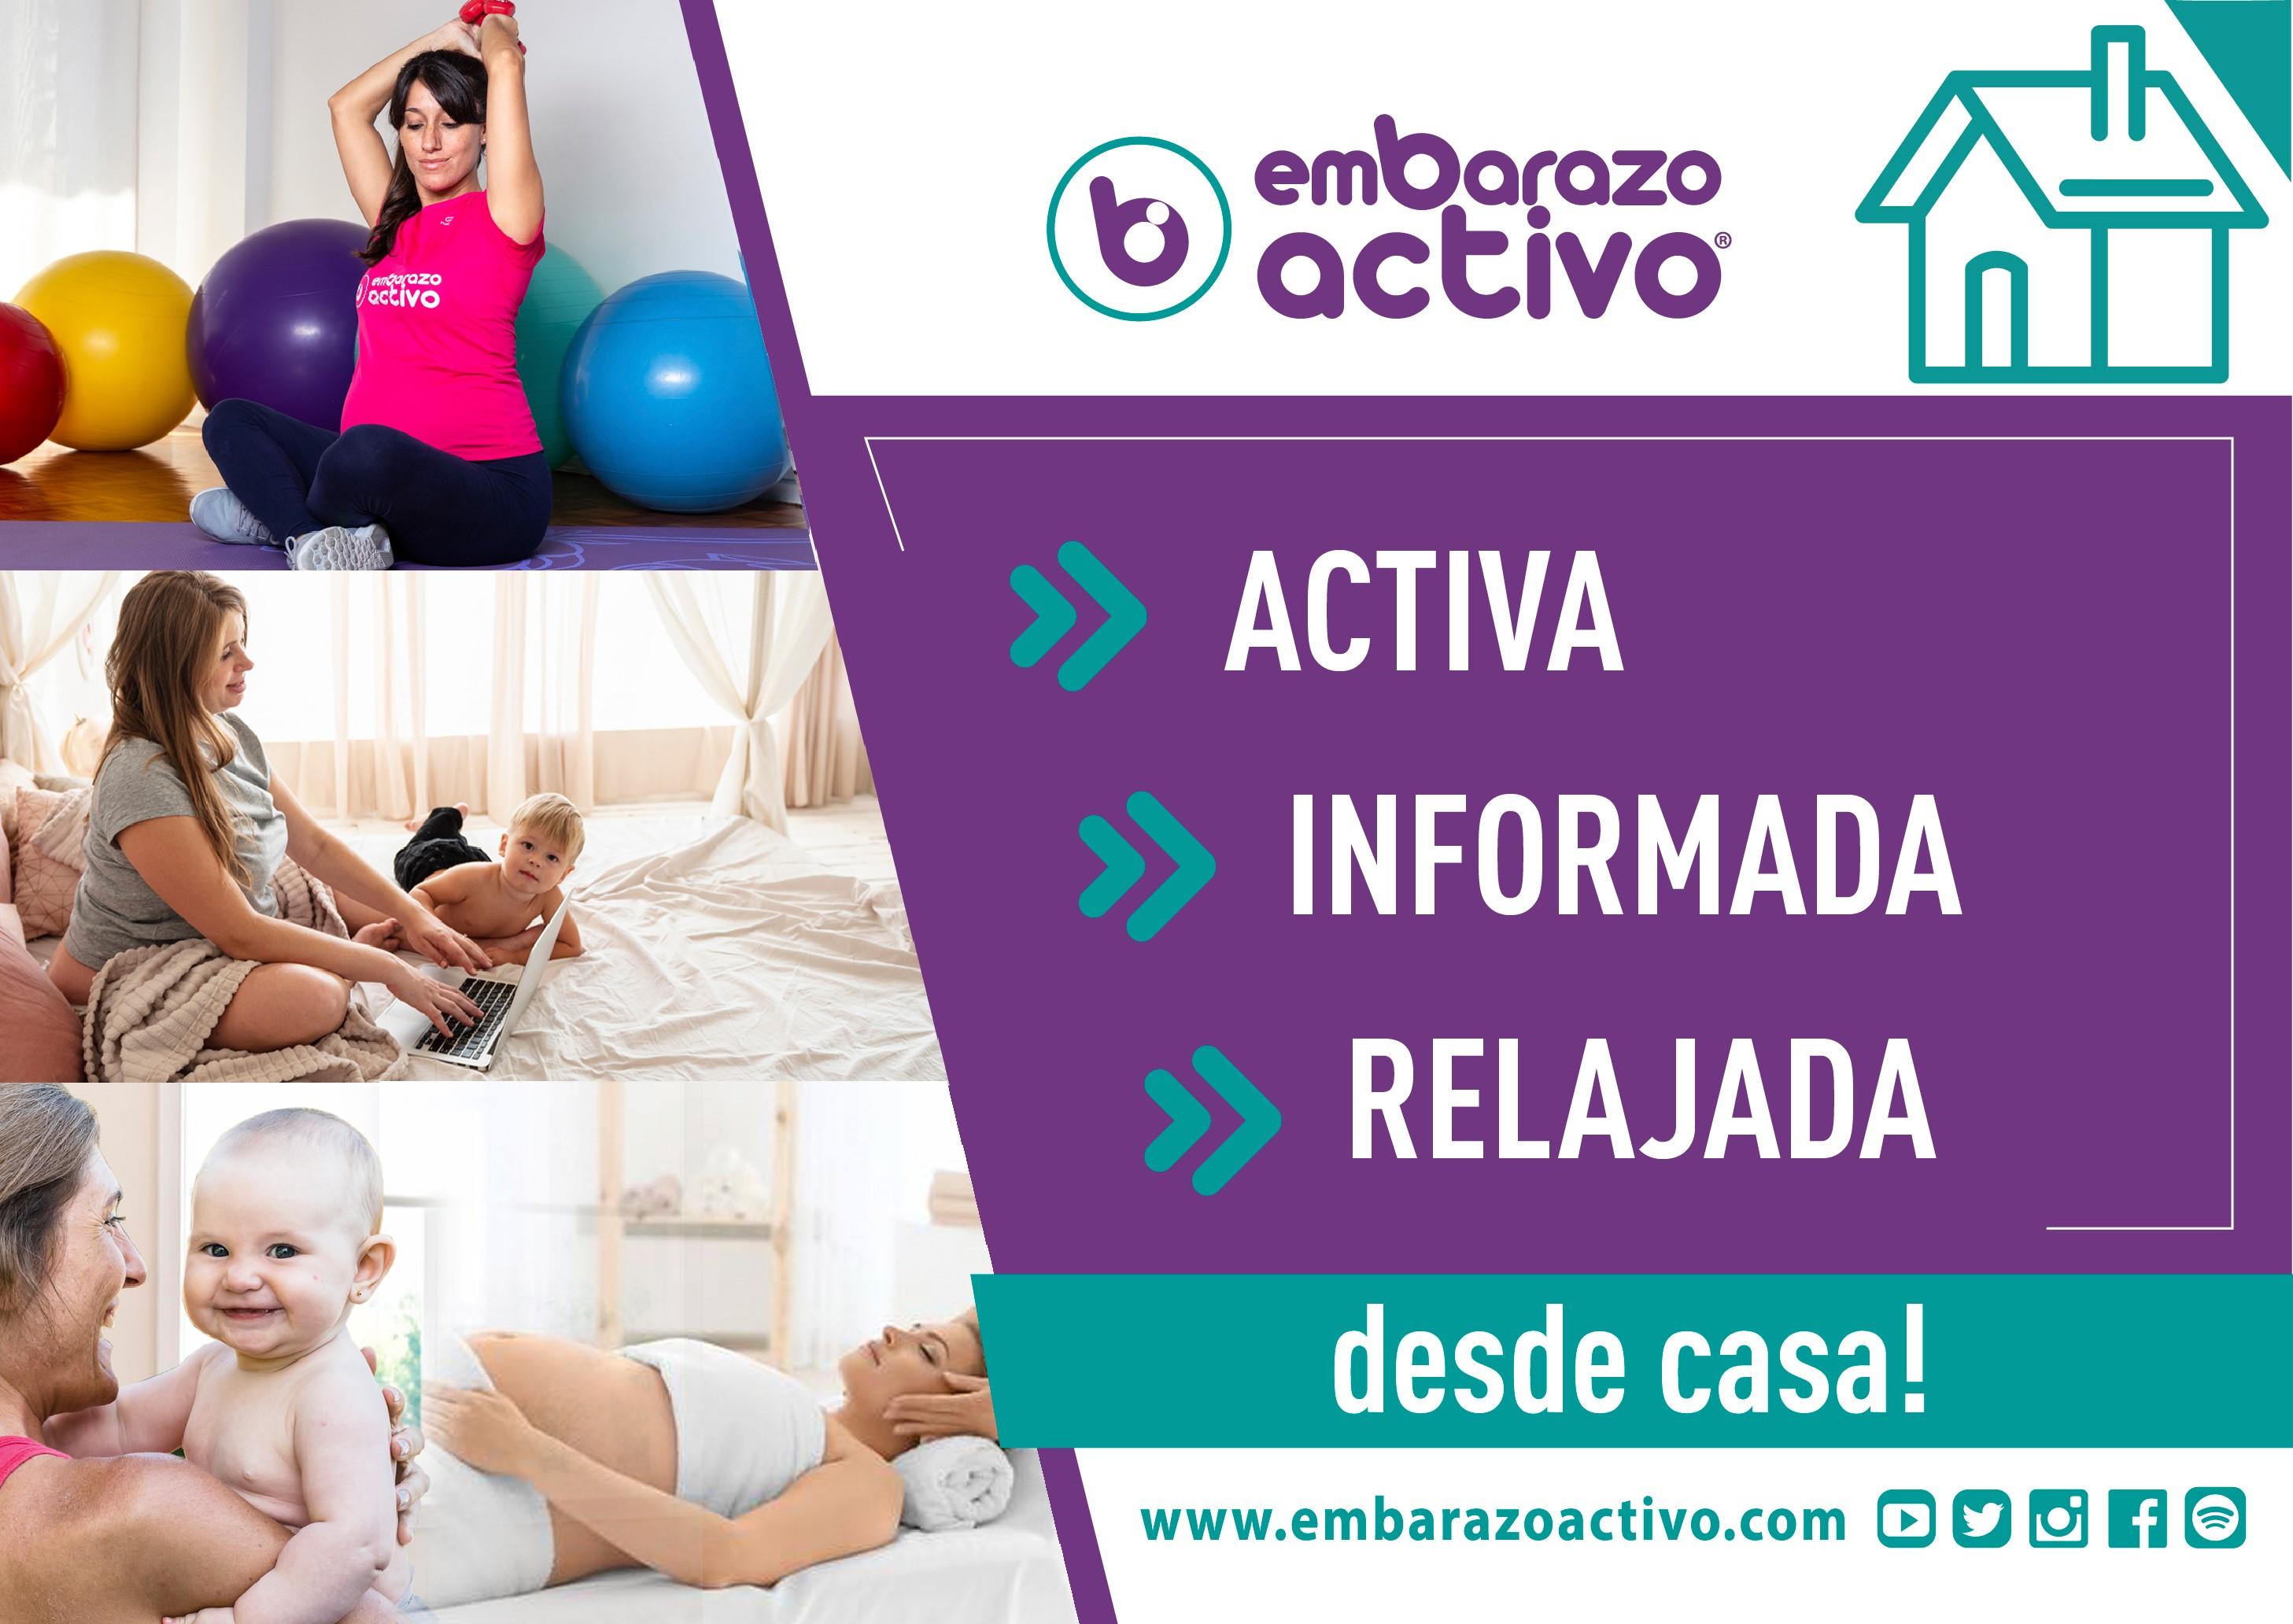 Embarazo Activo celebra sus primeros 100 días de actividades on line